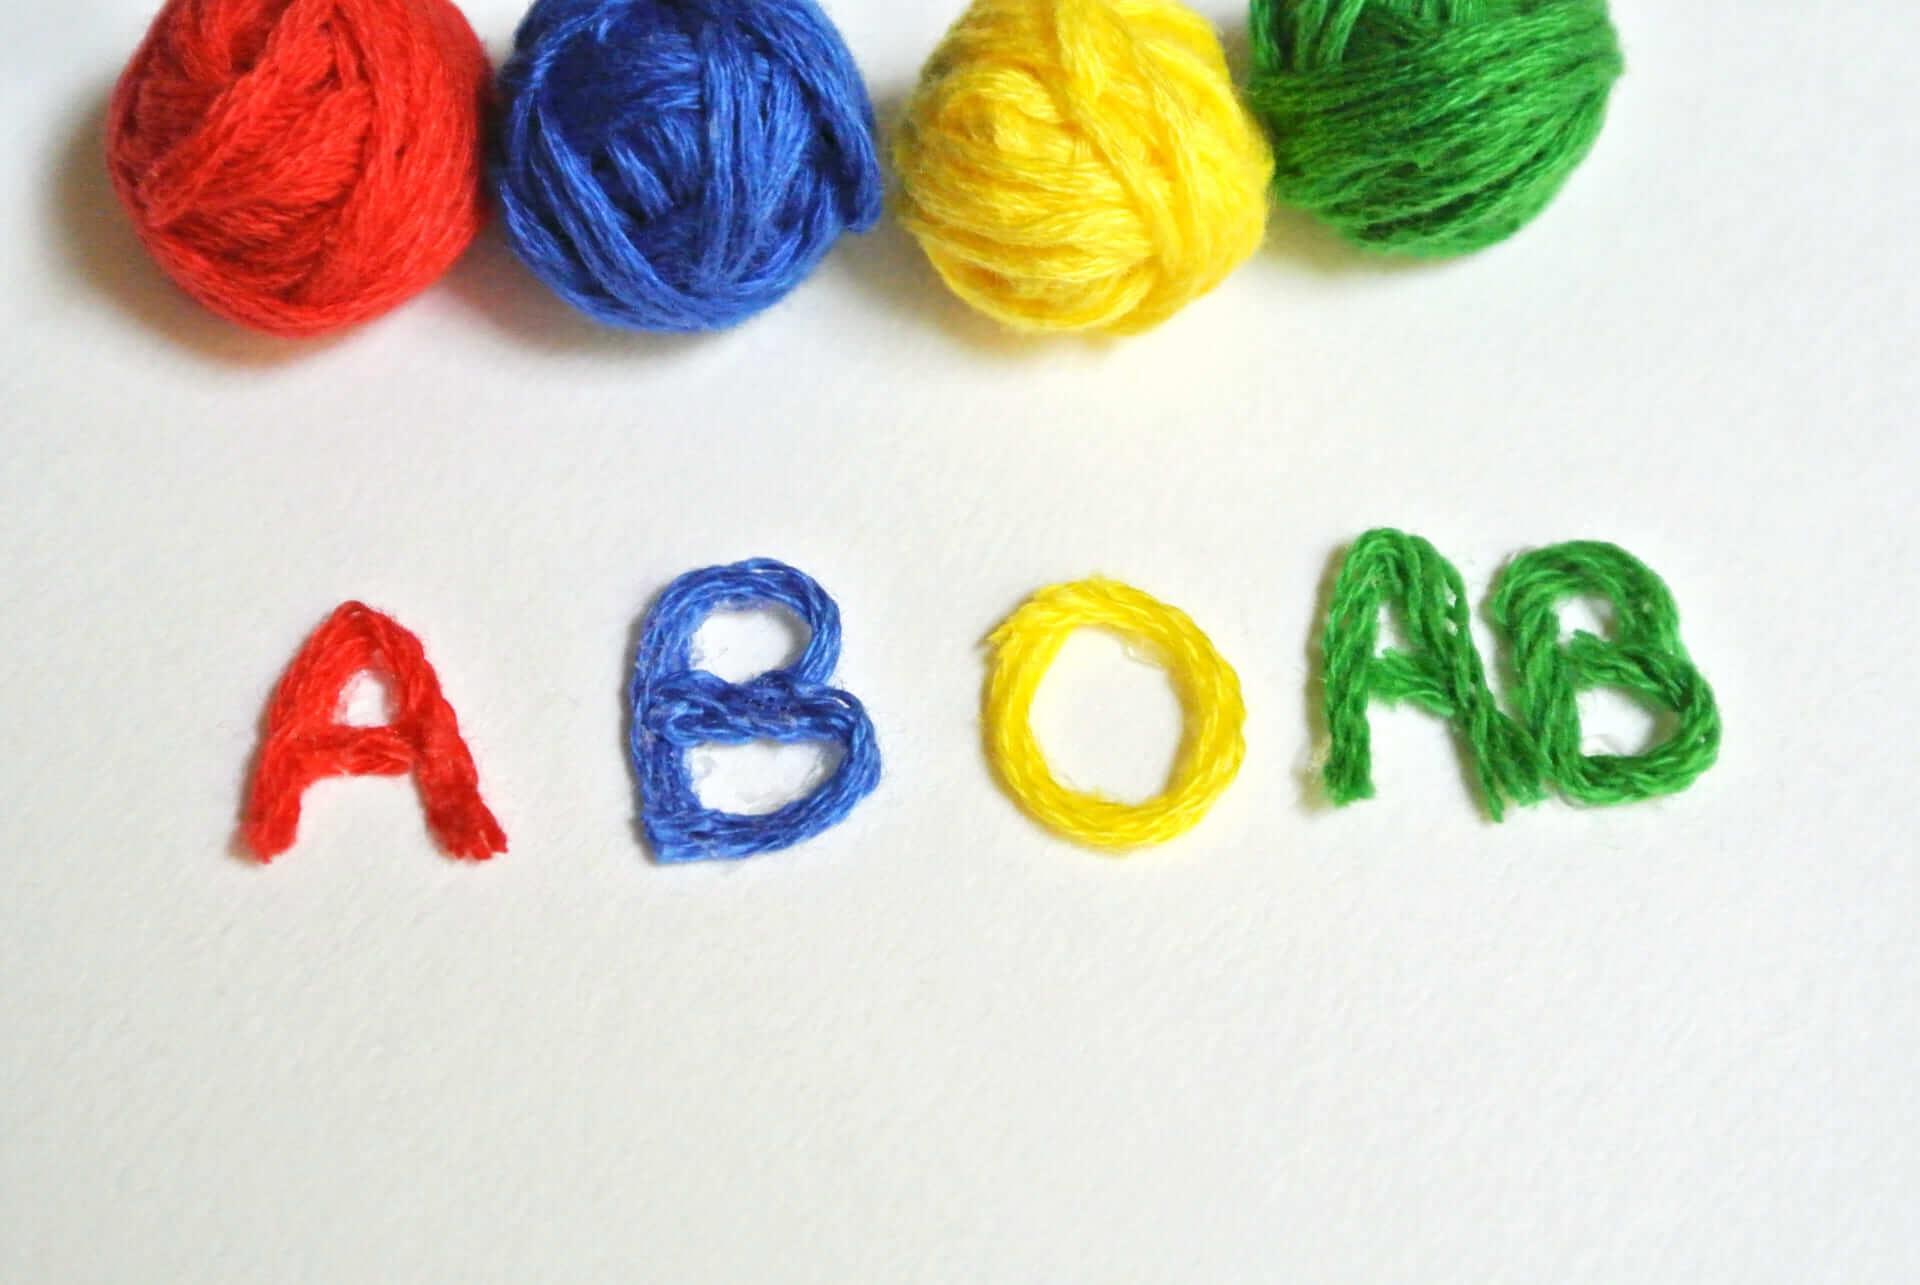 【血液型診断】性格/行動/好き嫌い…A型・B型・O型・AB型の特徴を紹介